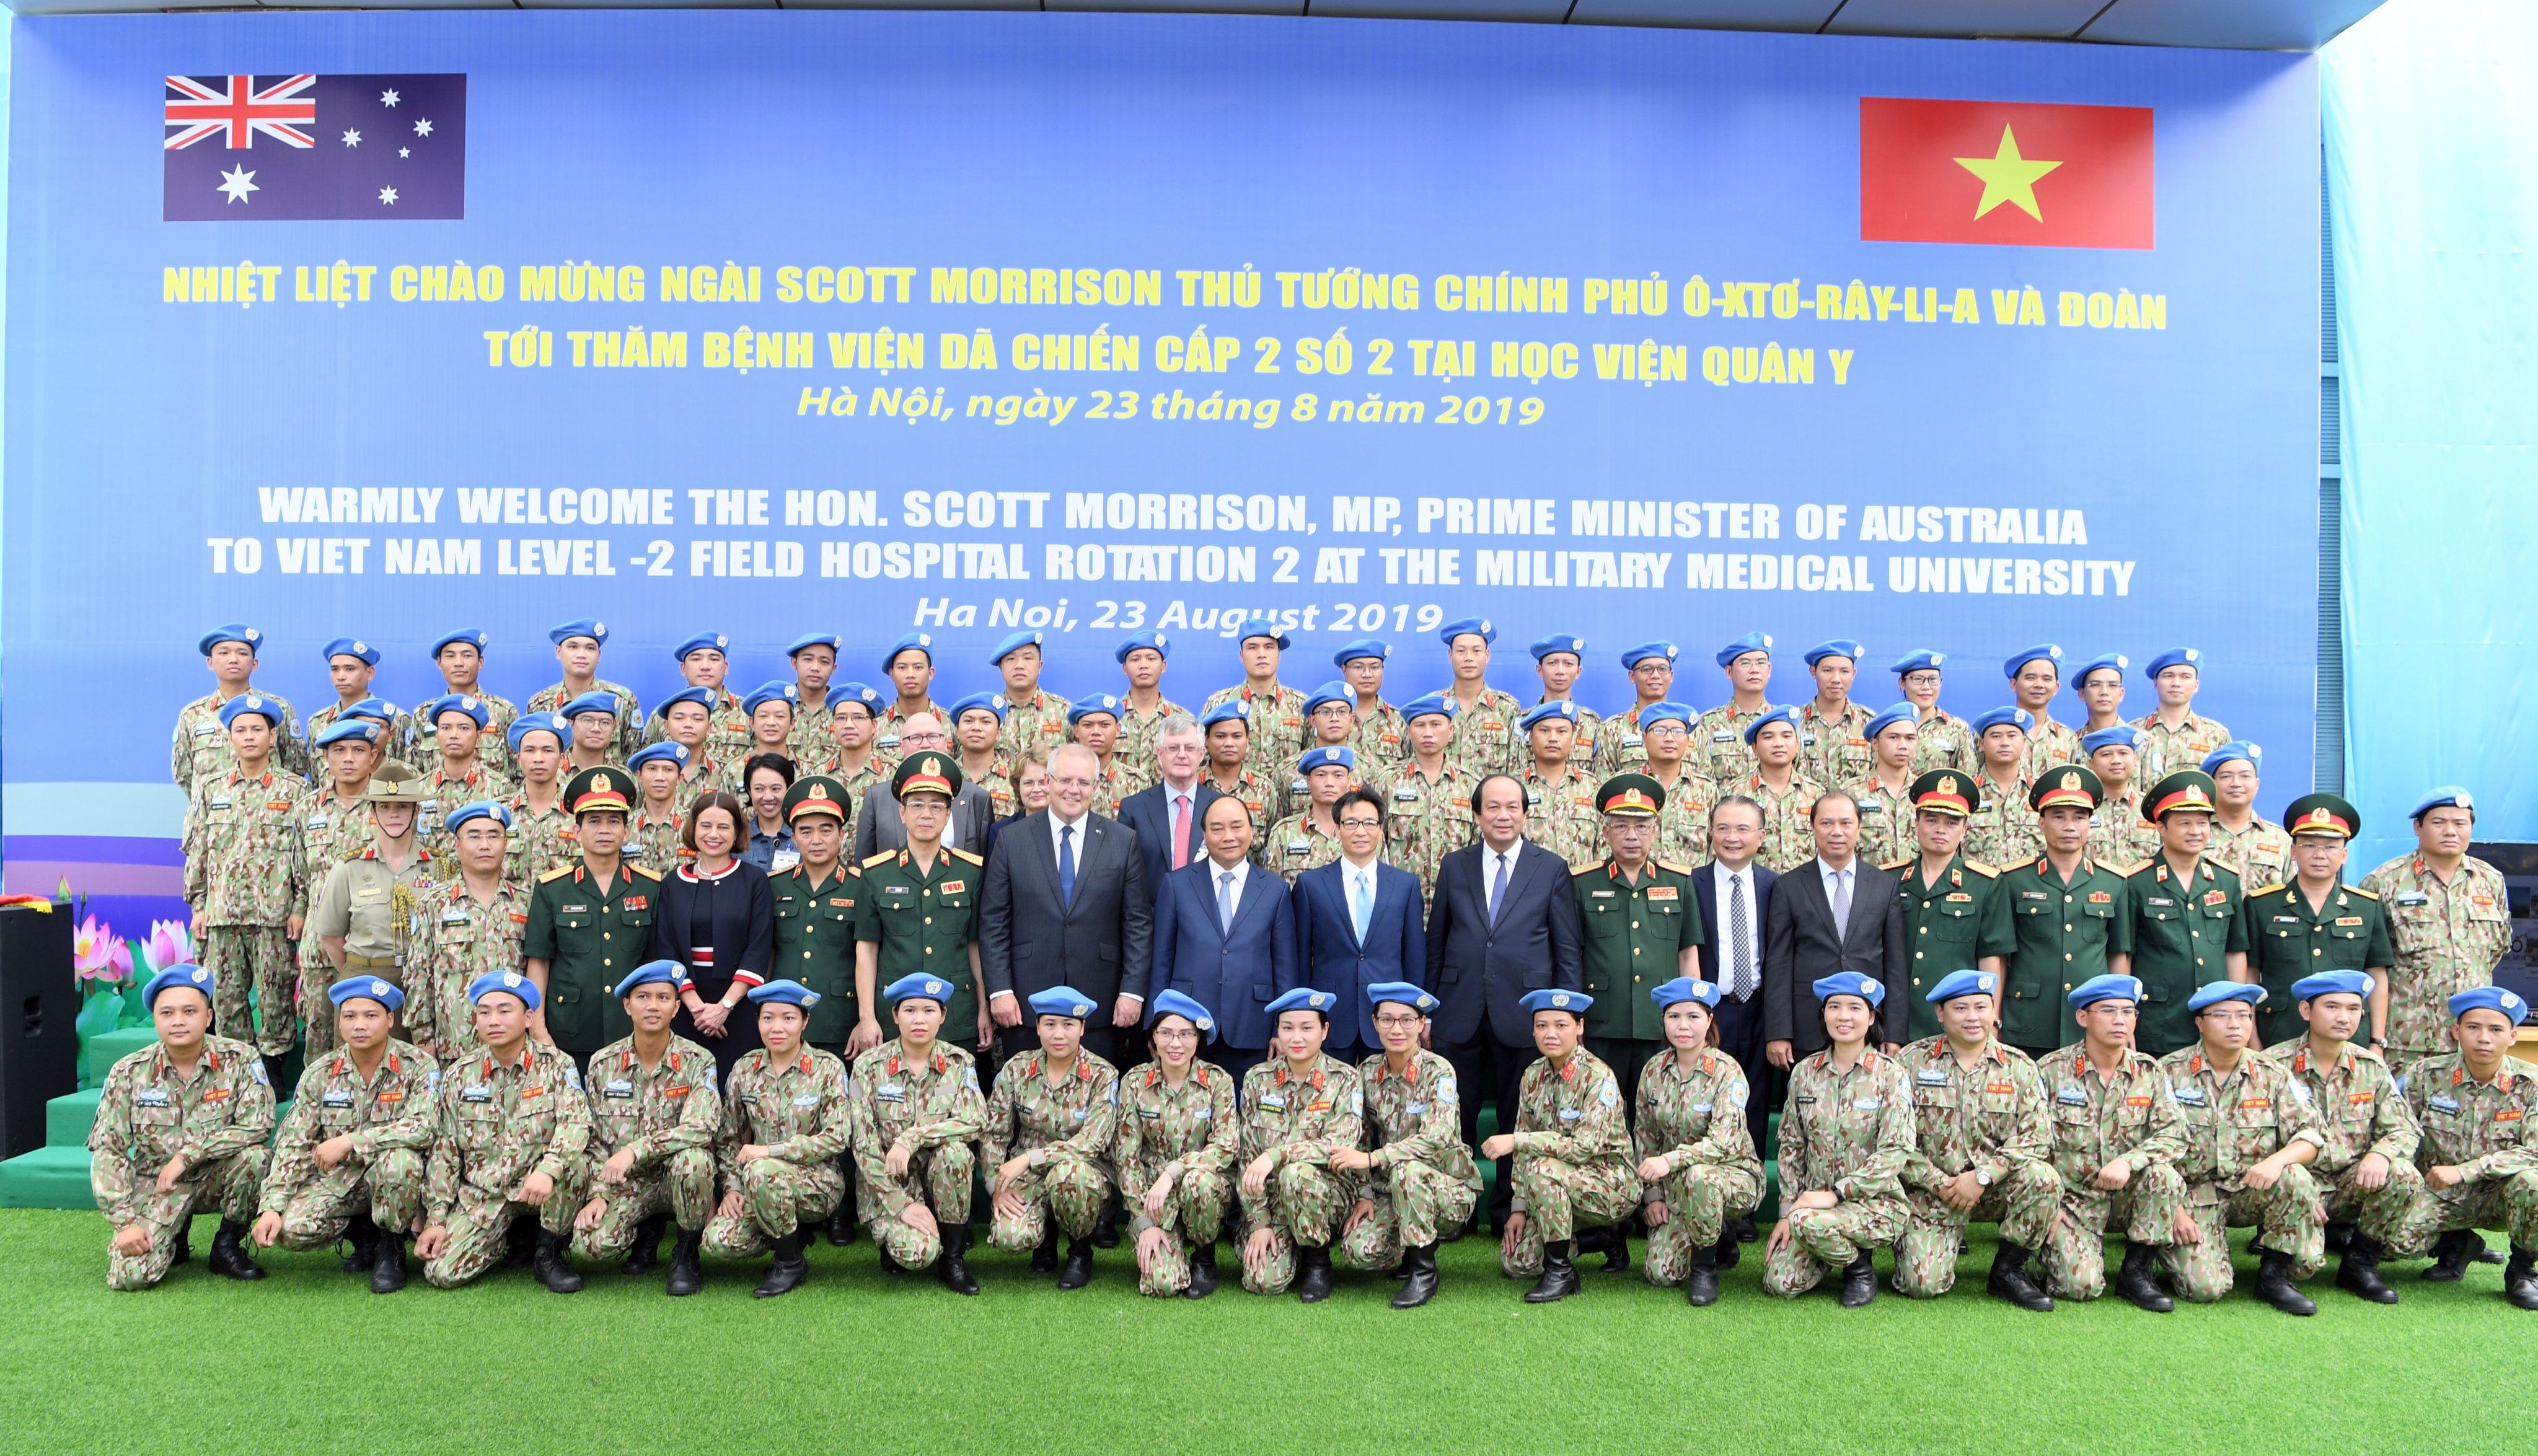 Thủ tướng Nguyễn Xuân Phúc, Thủ tướng Australia Scott Morrison, Phó Thủ tướng Vũ Đức Đam,... cùng các chiến sĩ của Bệnh viện dã chiến cấp 2 số 2. Ảnh VGP